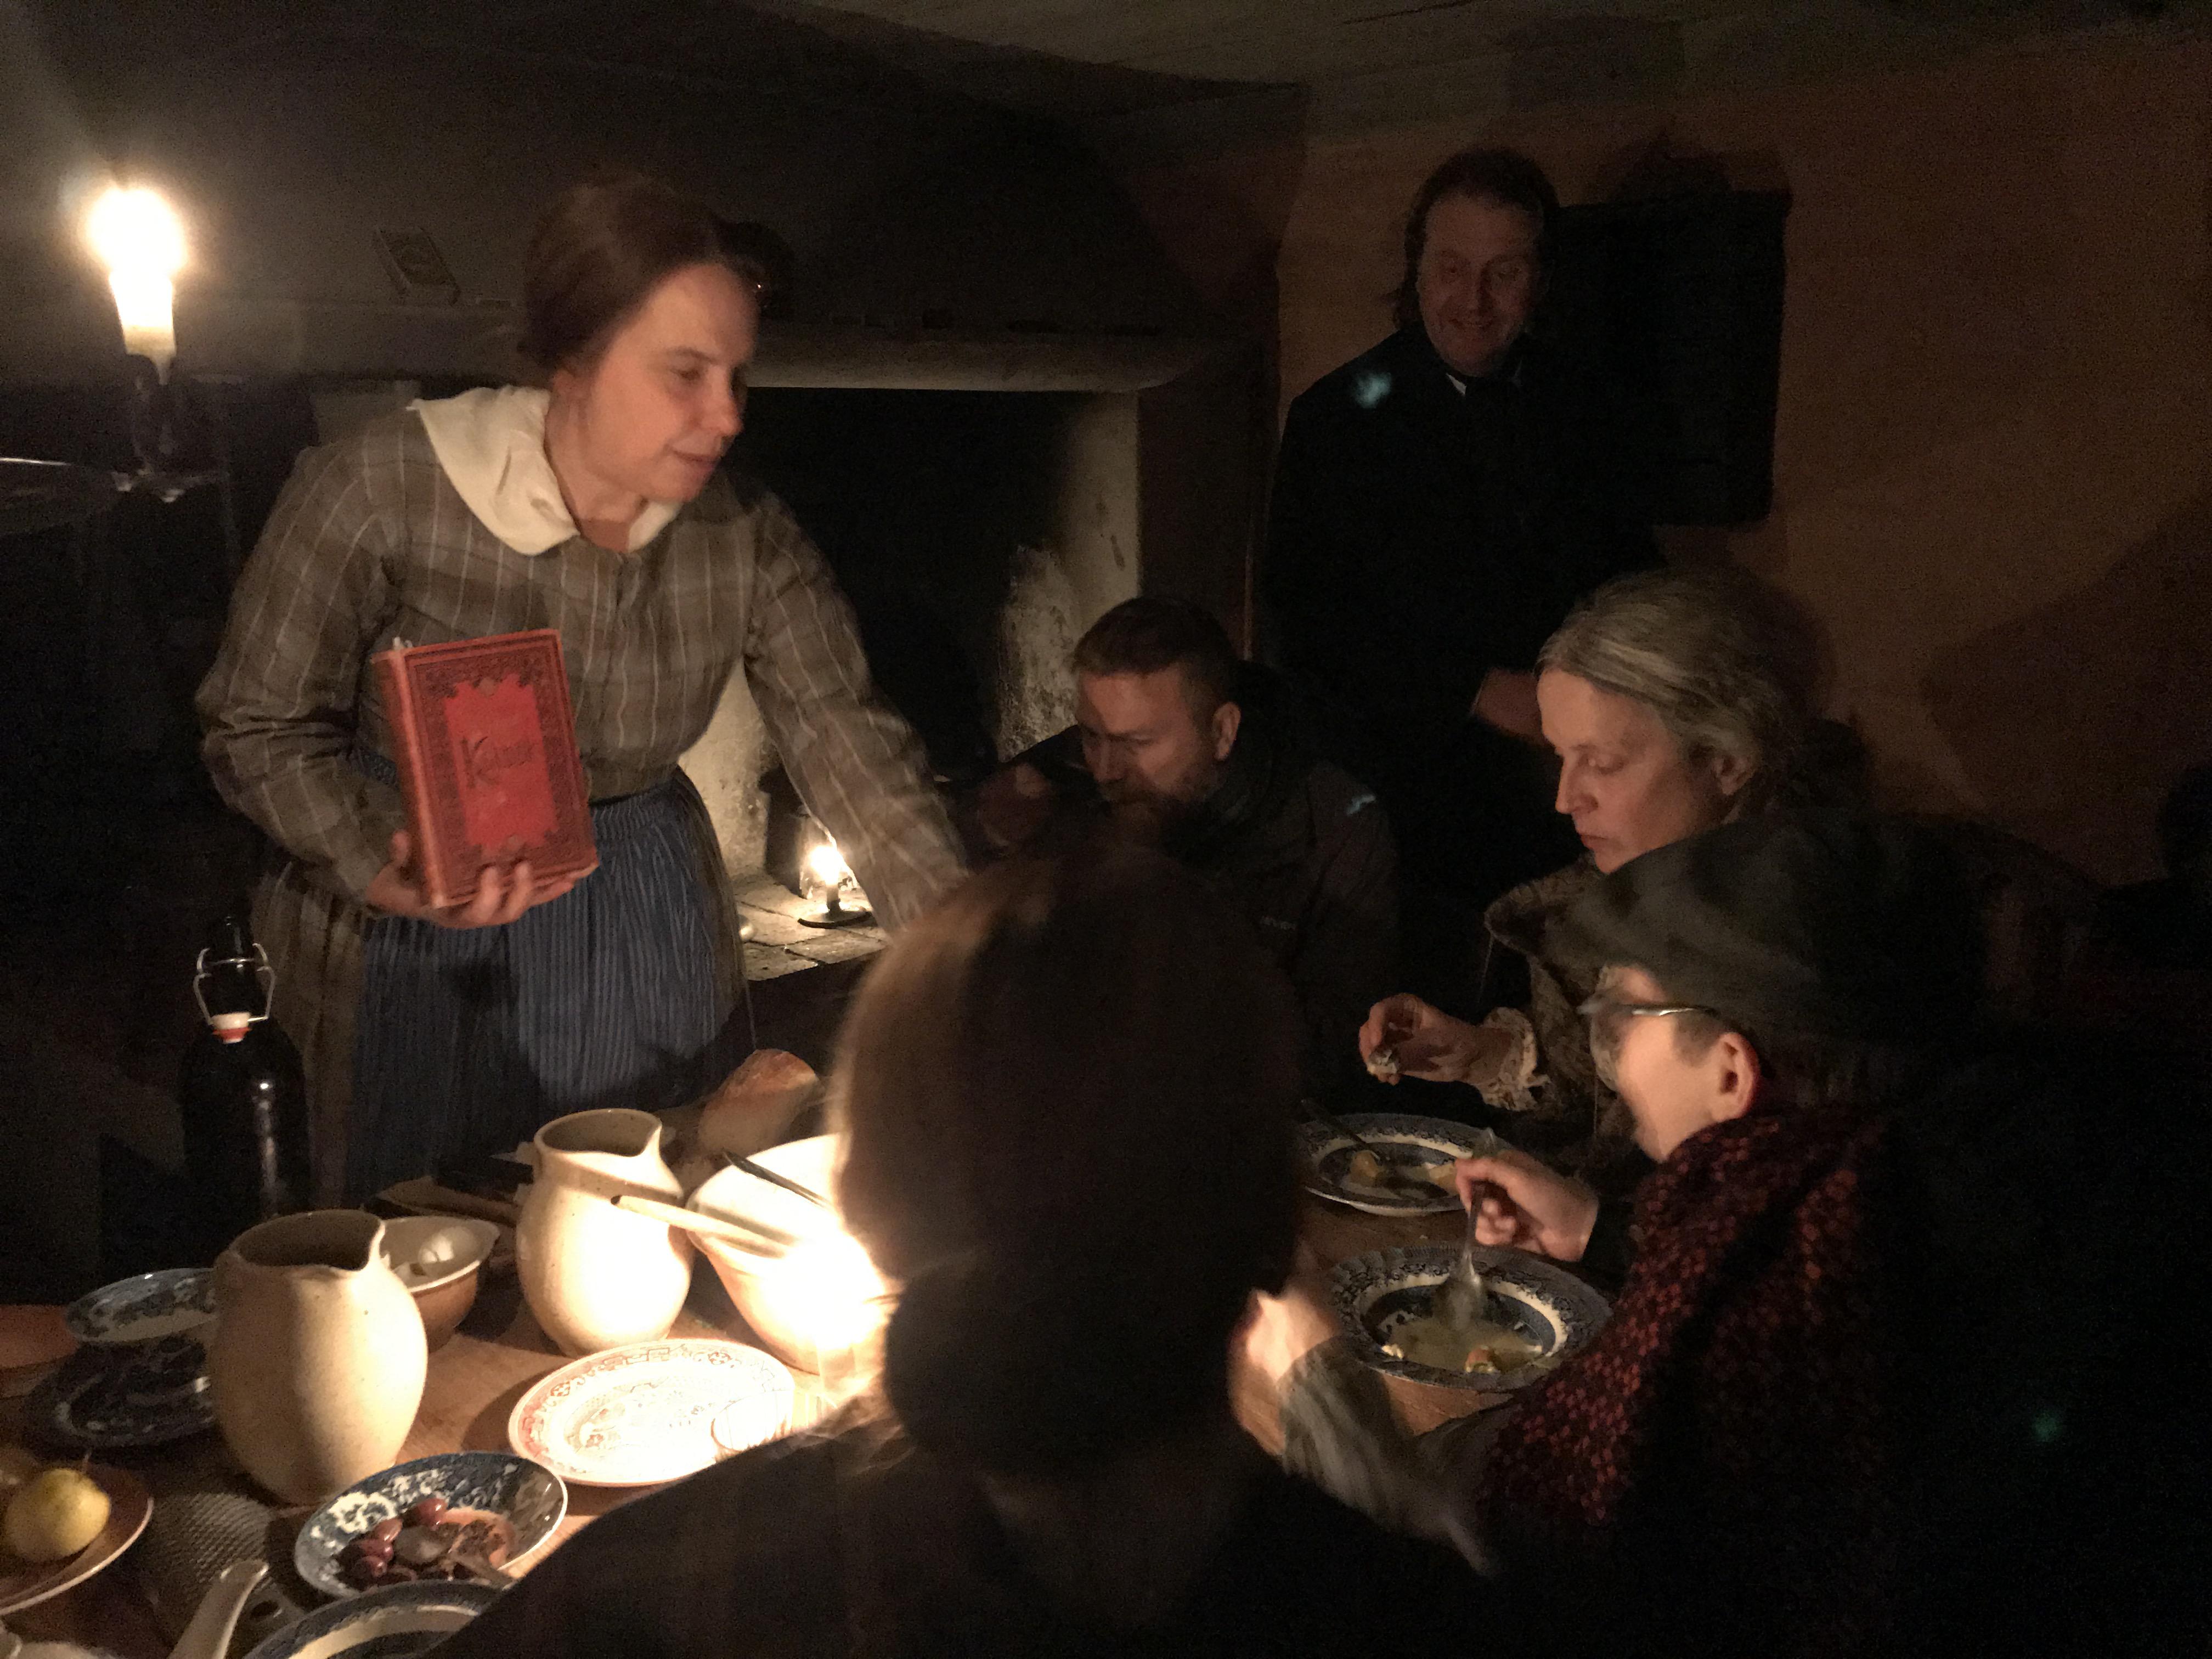 Vi gjorde en utflykt till systrarna Pagels – ljus och mörker i 1800-talets mitt